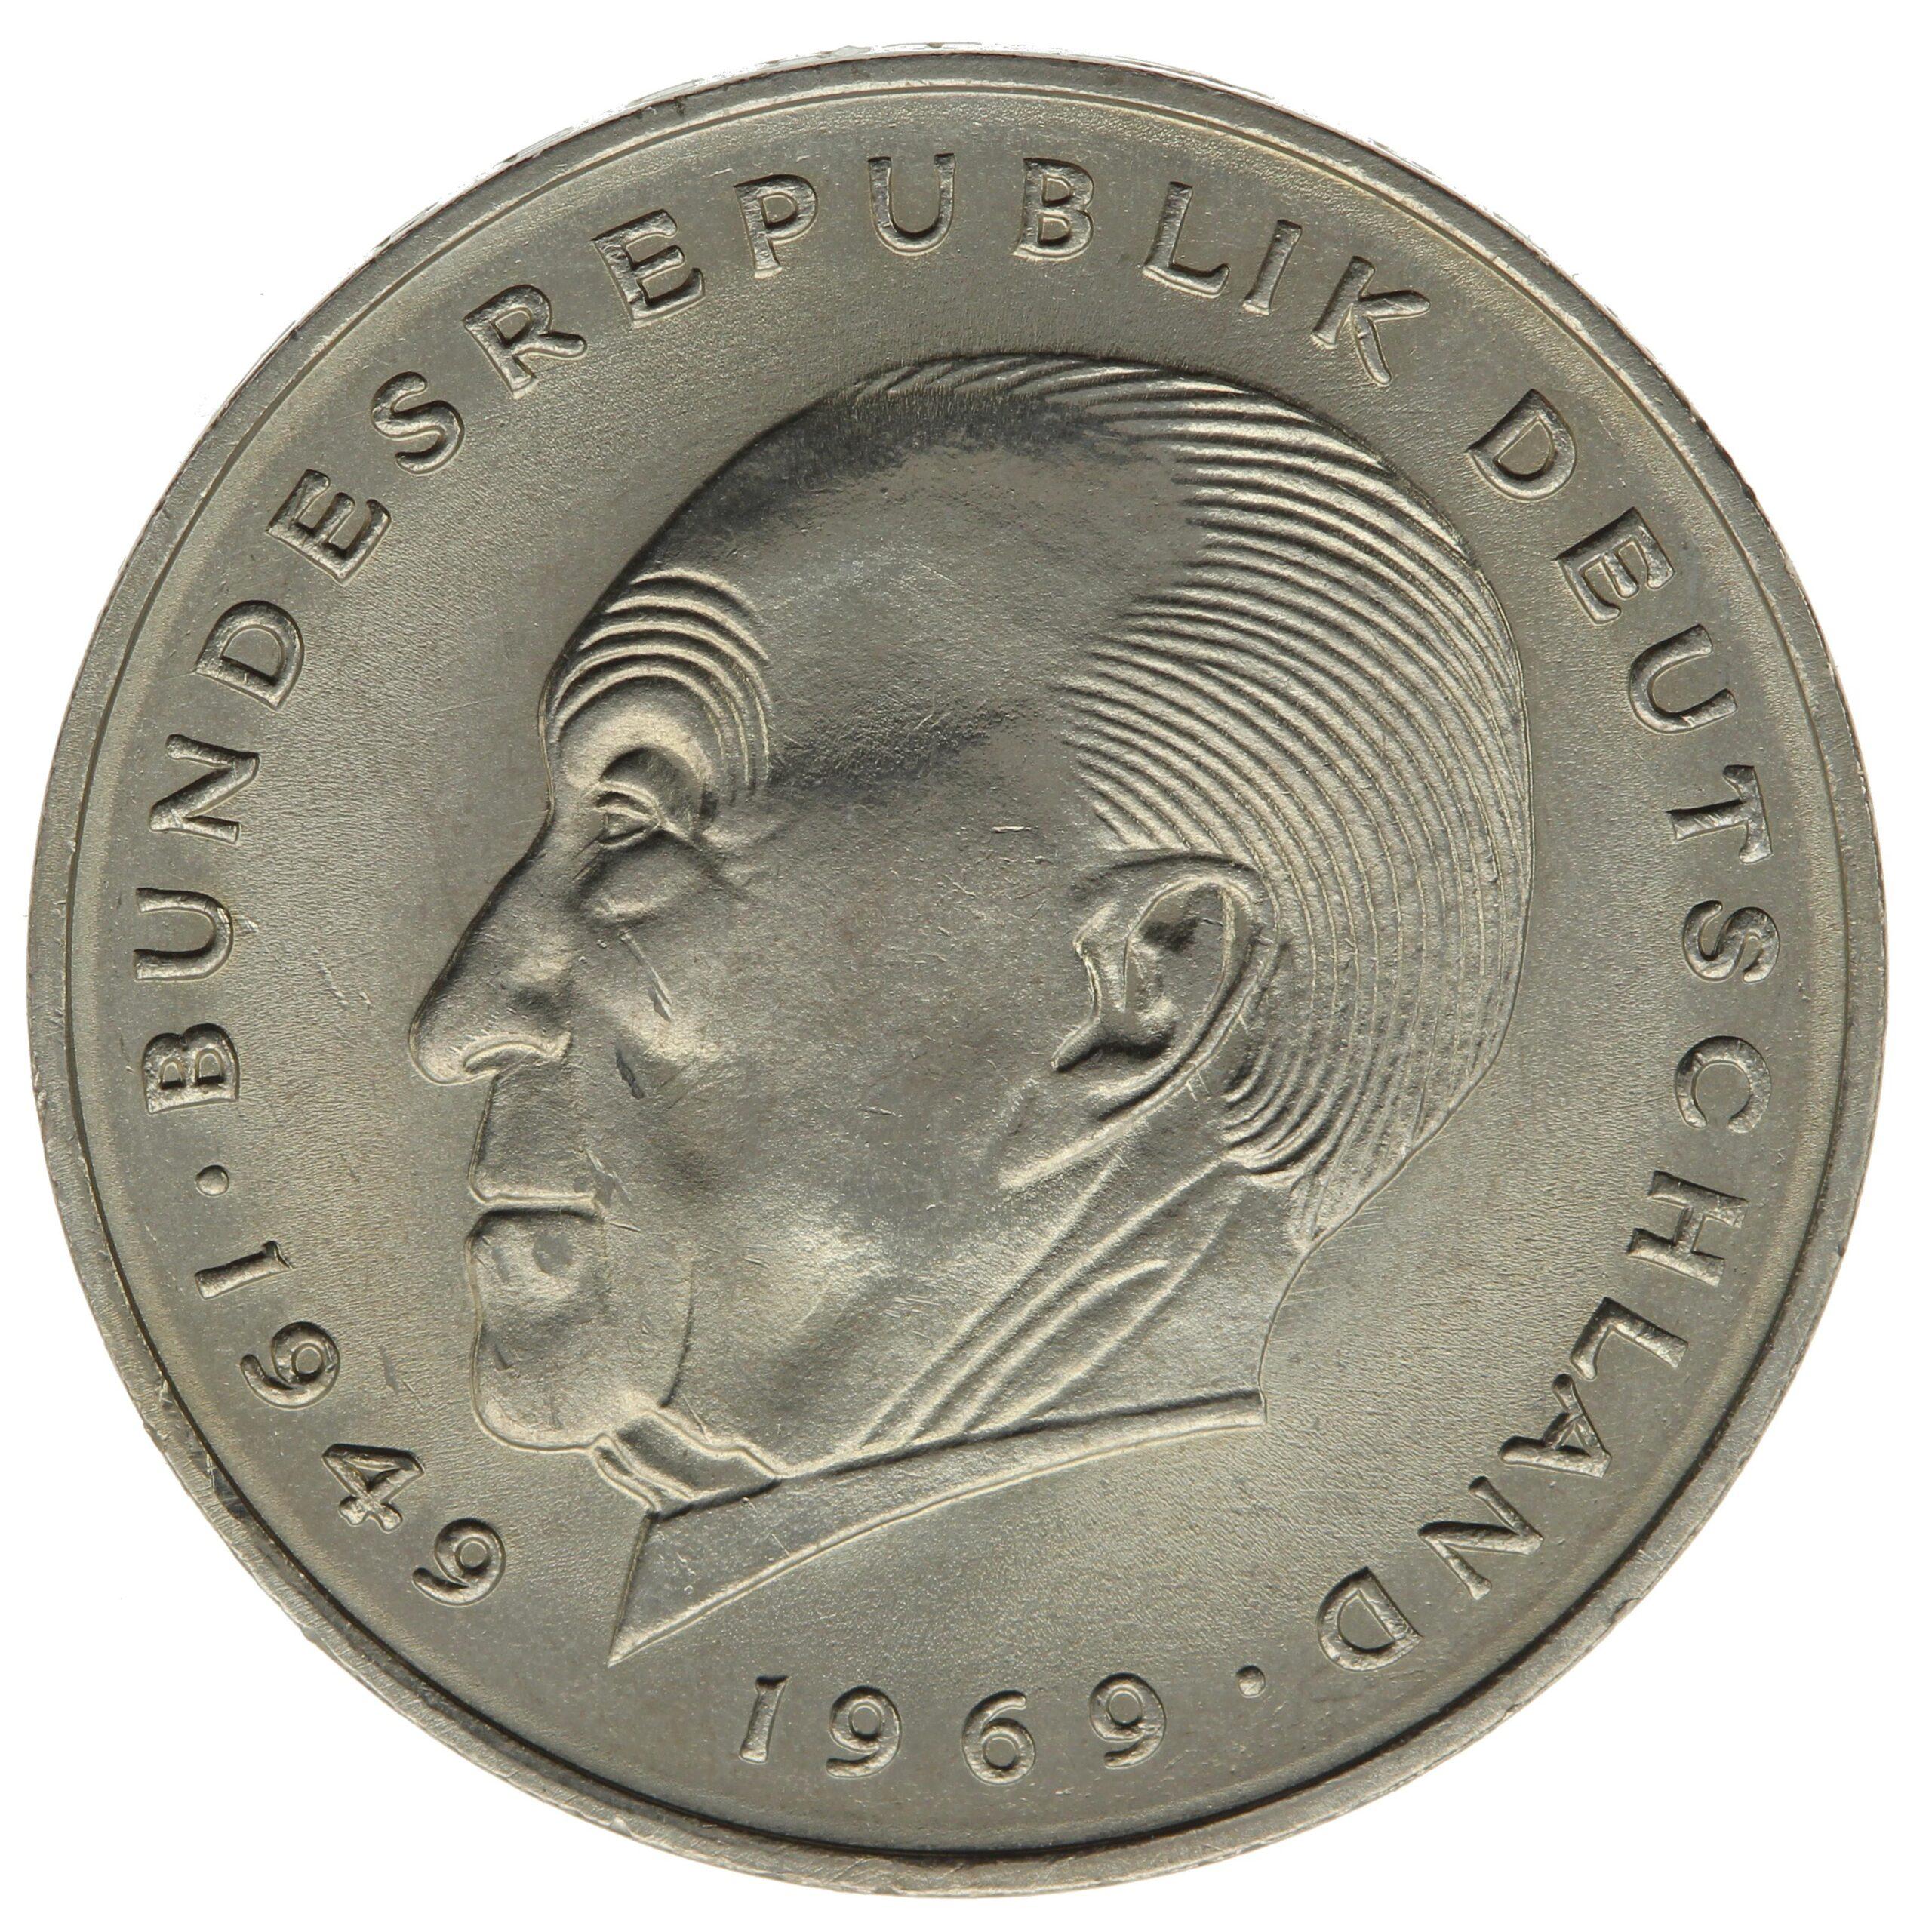 DE 2 Deutsche Mark 1969 G